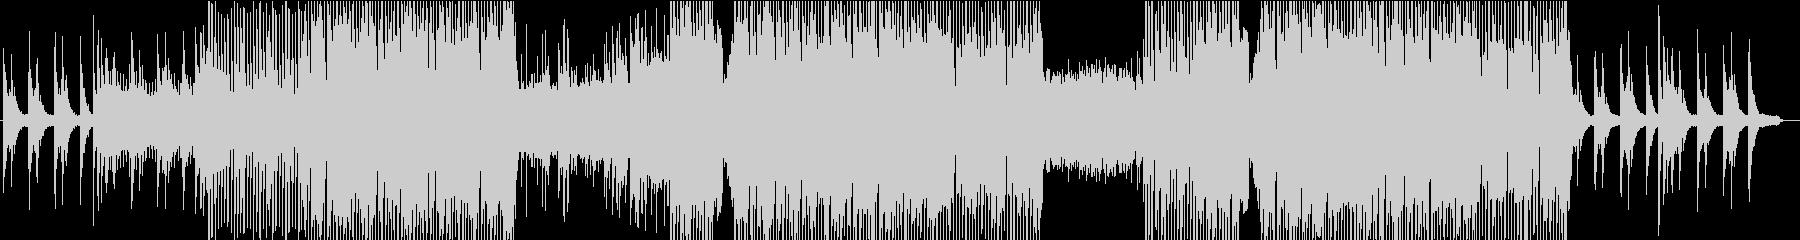 メロディックなヒーリングピアノハウスの未再生の波形